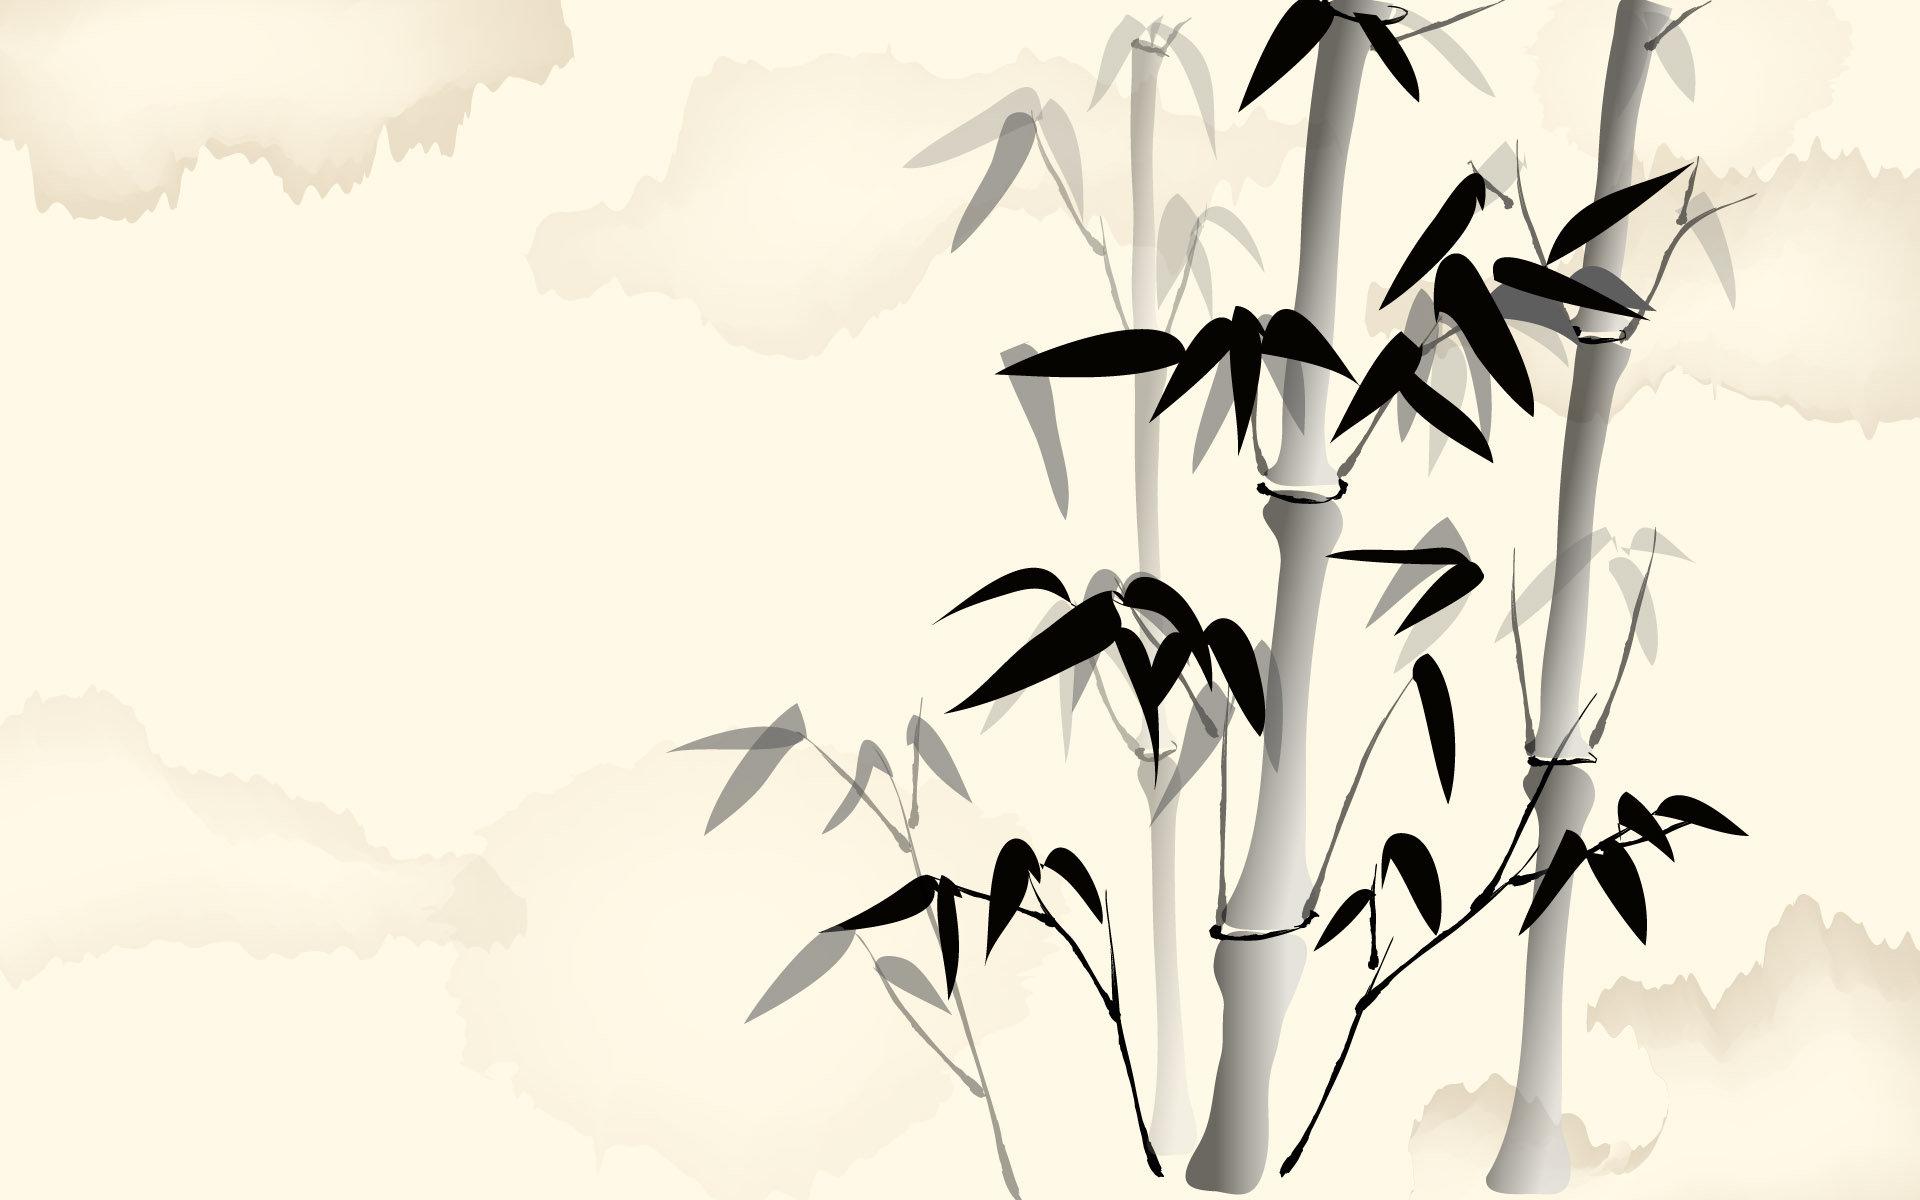 古风图库 中国风简笔国画风格10张清晰大图2